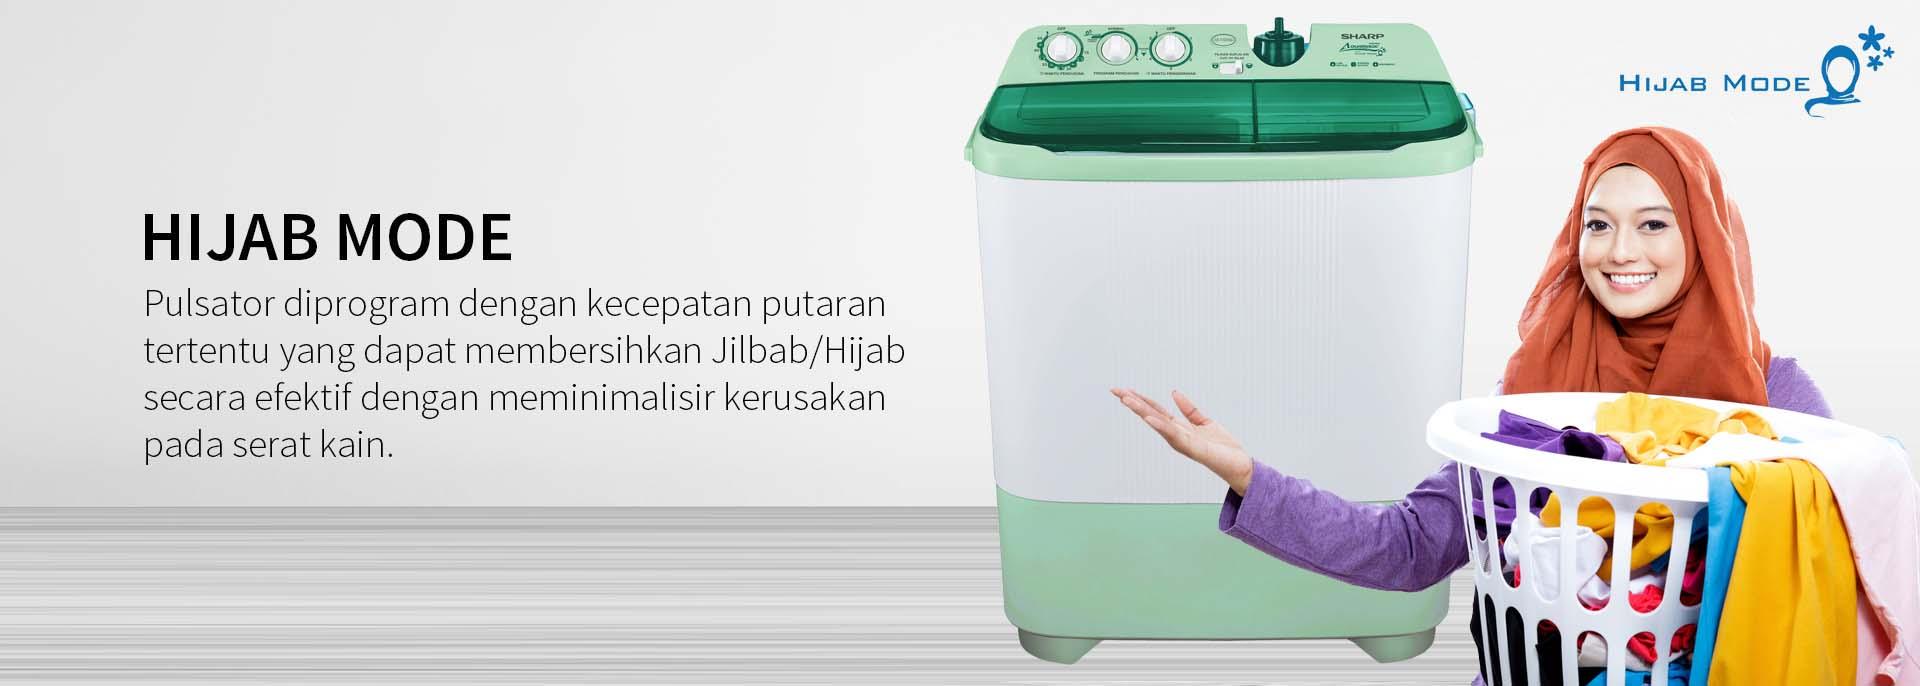 hijab-ES-T1070SJ.jpg